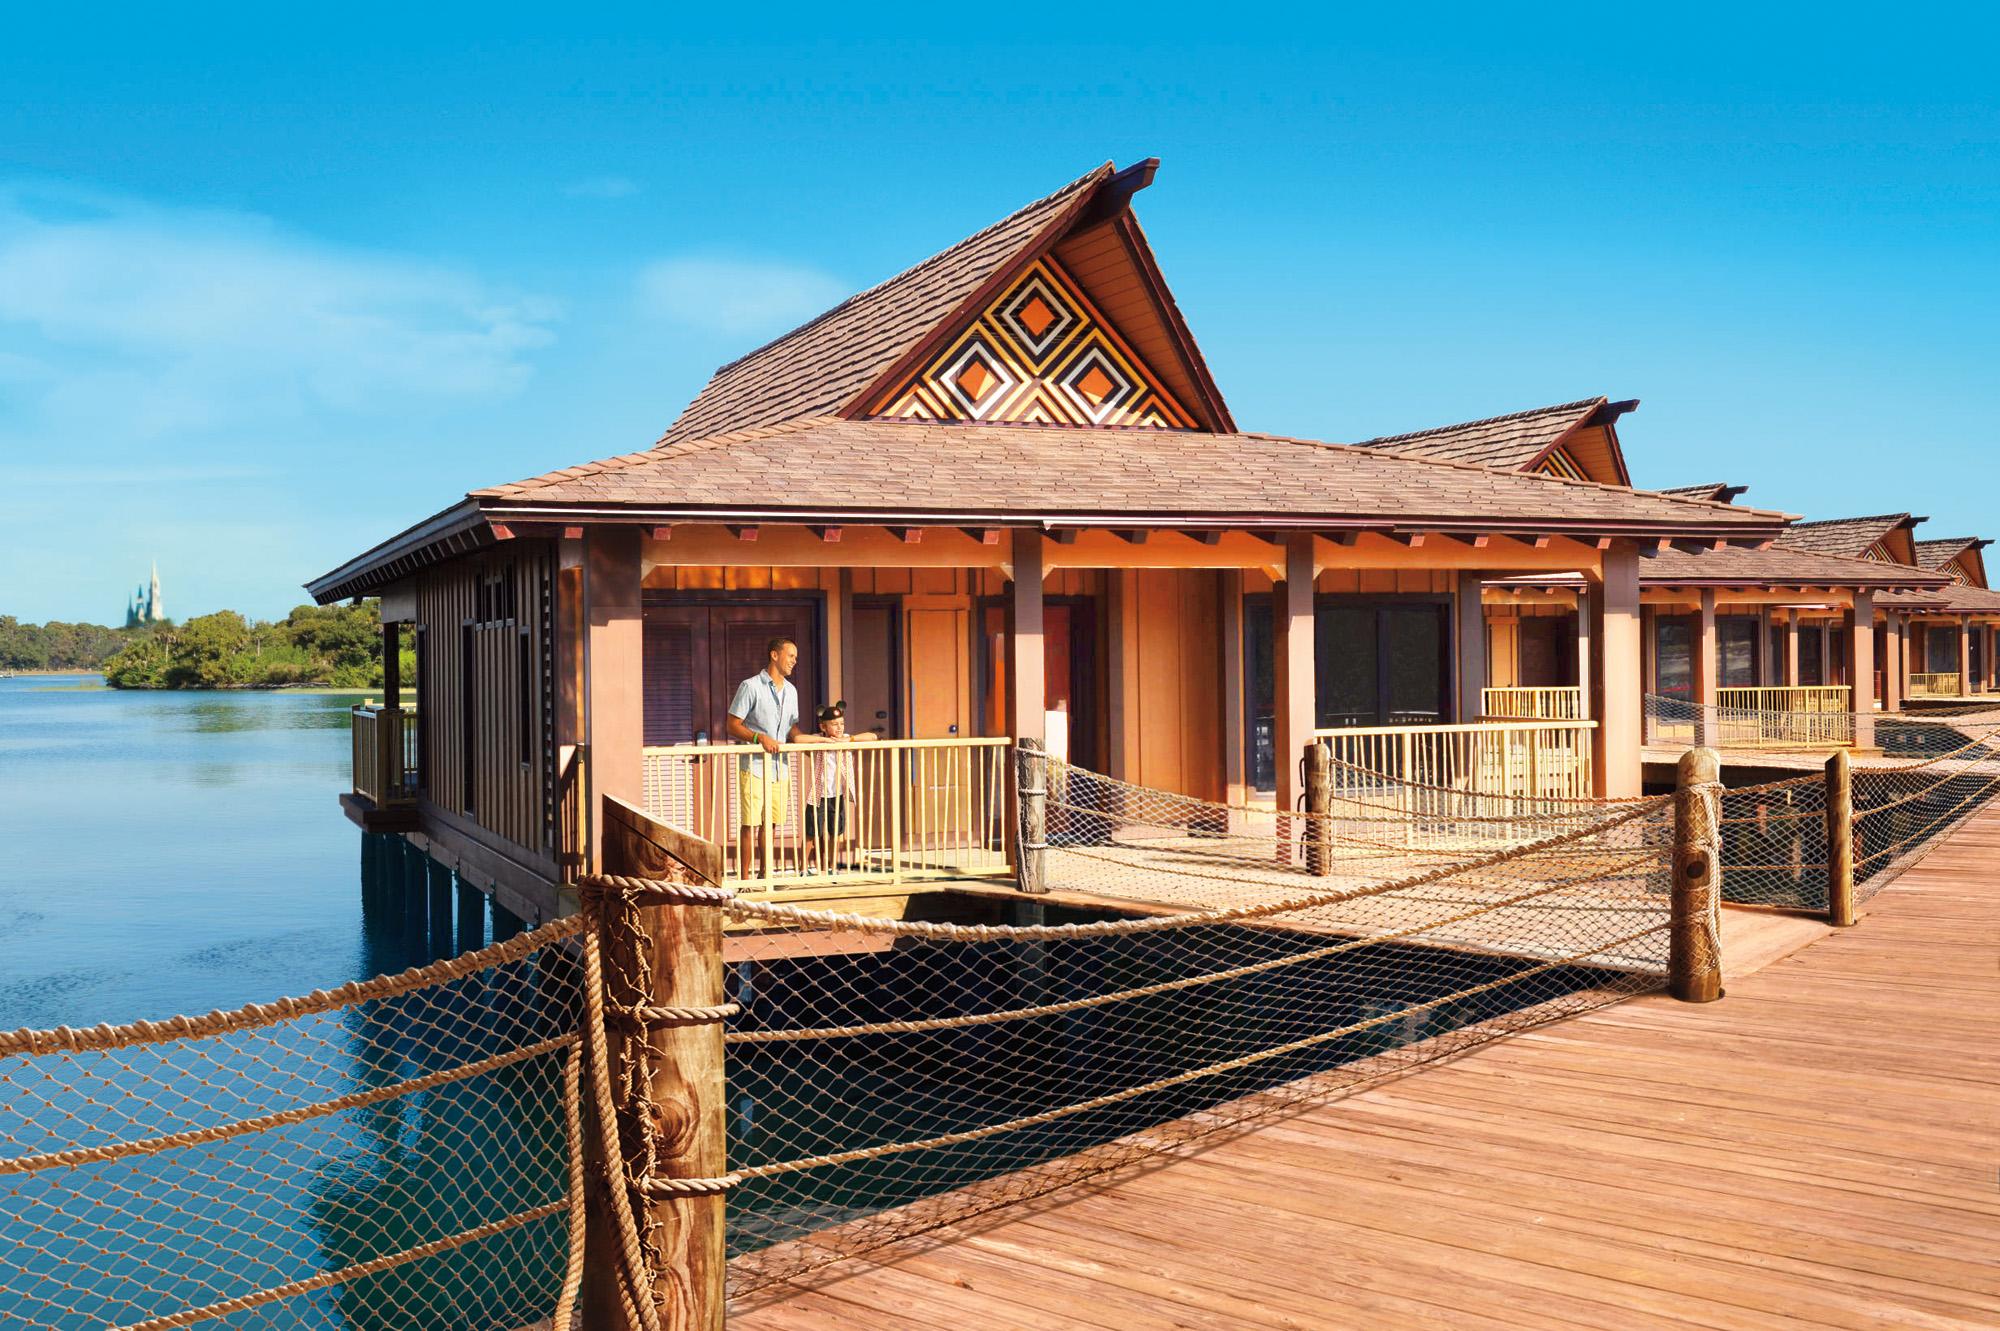 The Bora Bora Bungalows At Disney's Polynesian Village